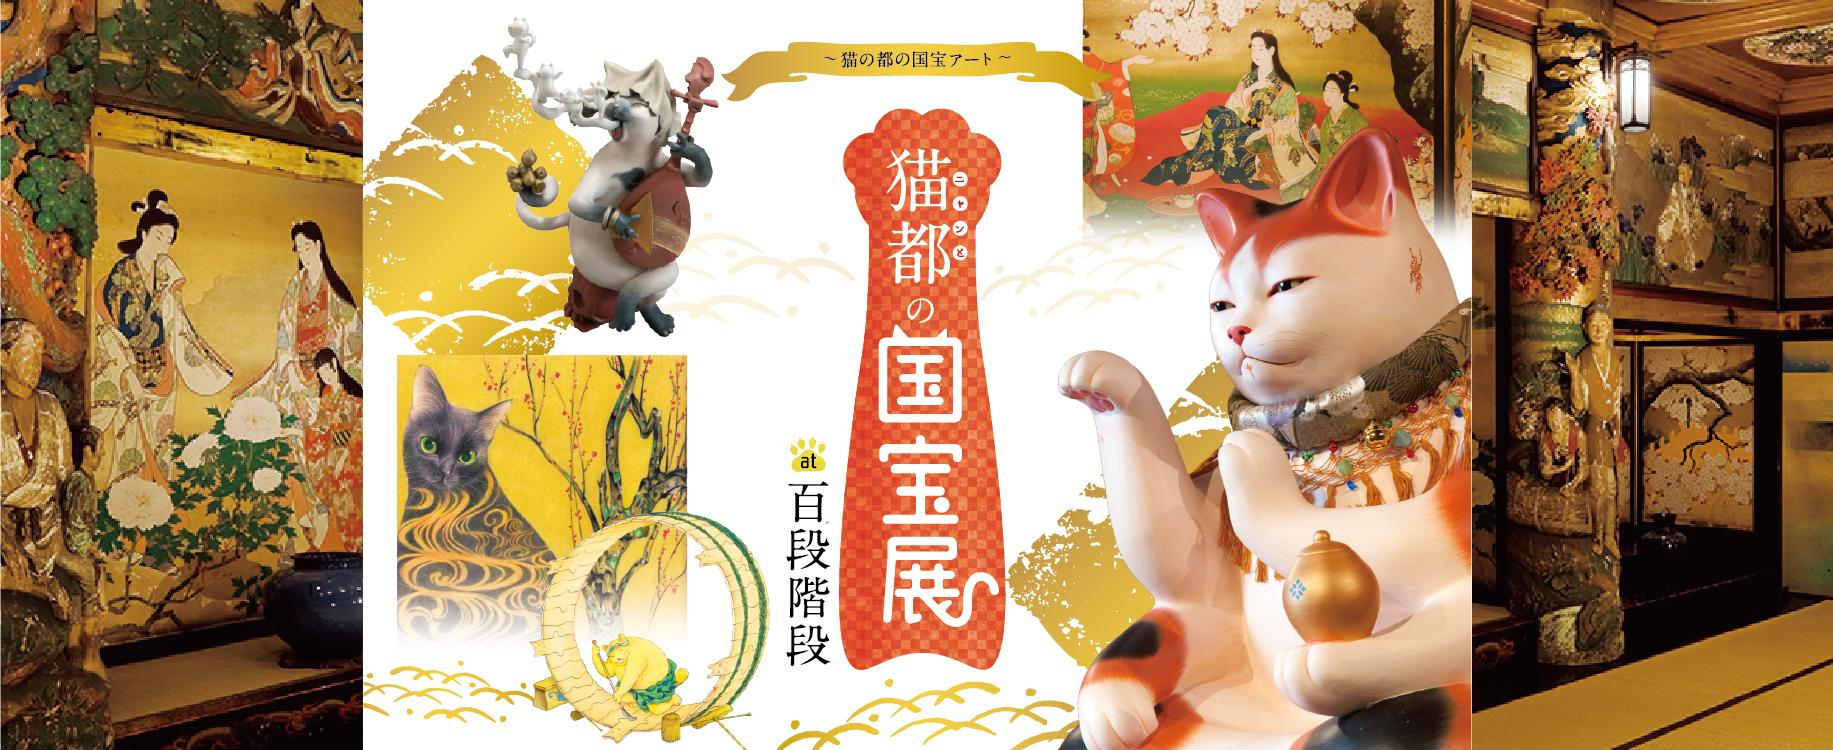 猫都(ニャンと)の国宝展 at 百段階段 ~猫の都の国宝アート~